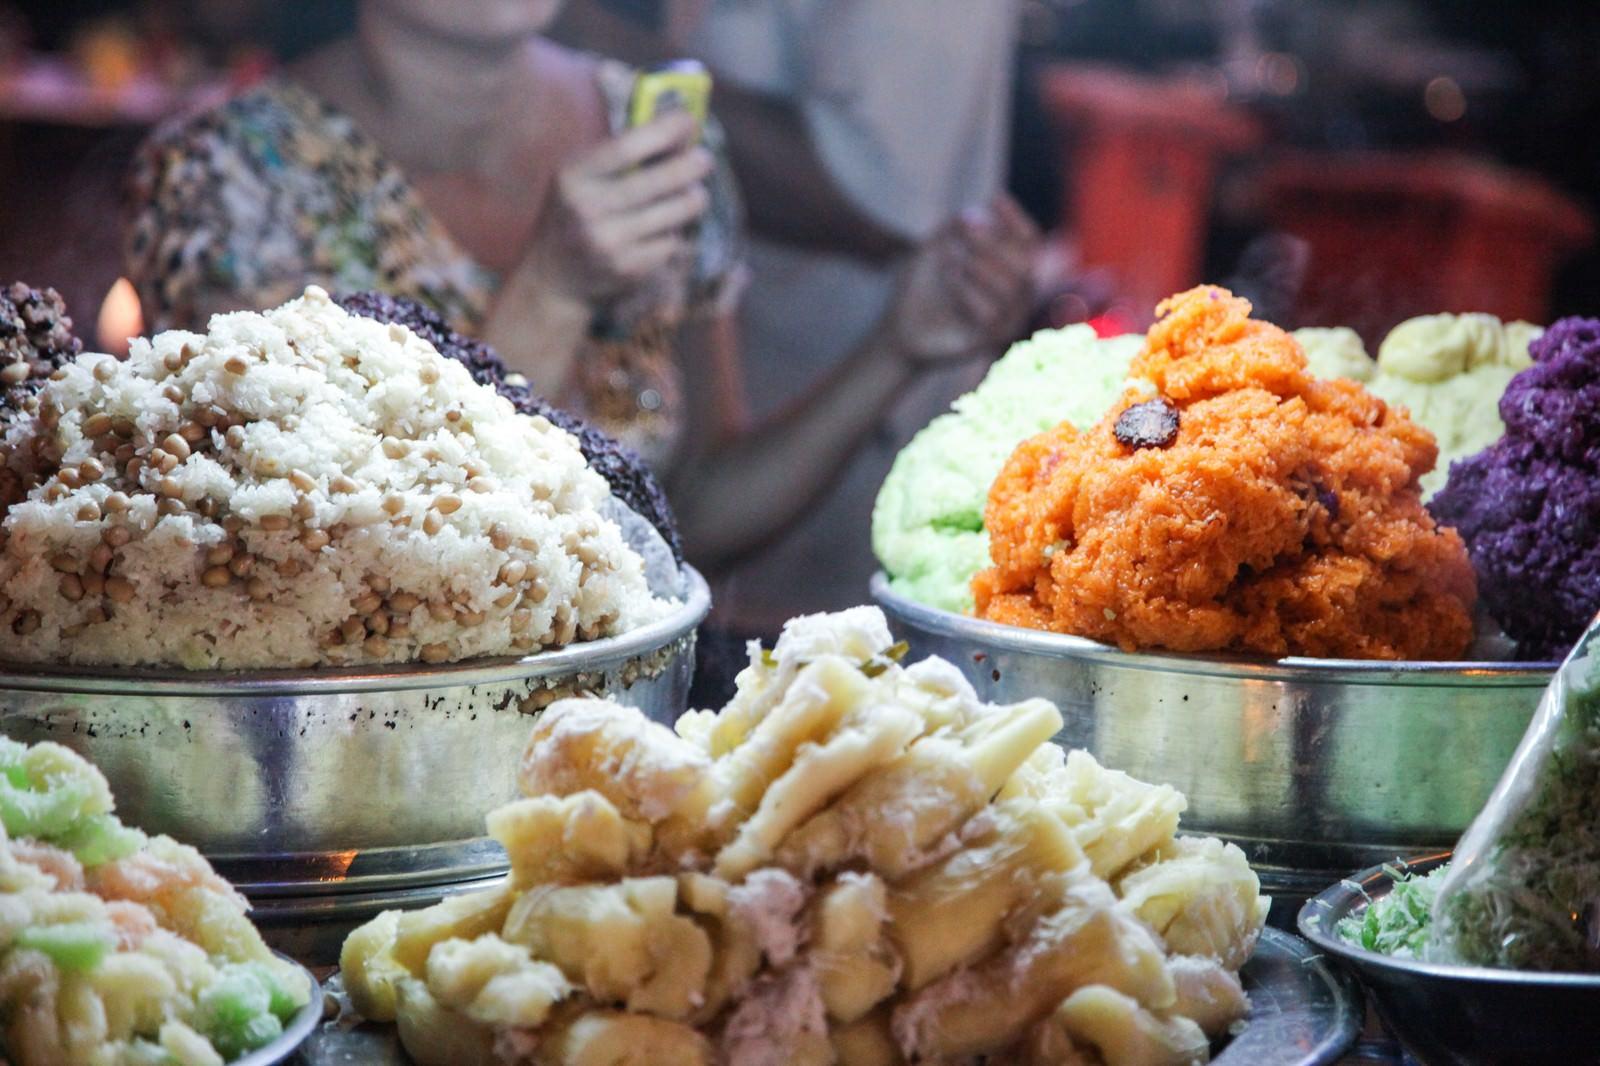 「ベトナムのナイトマーケット市場」の写真